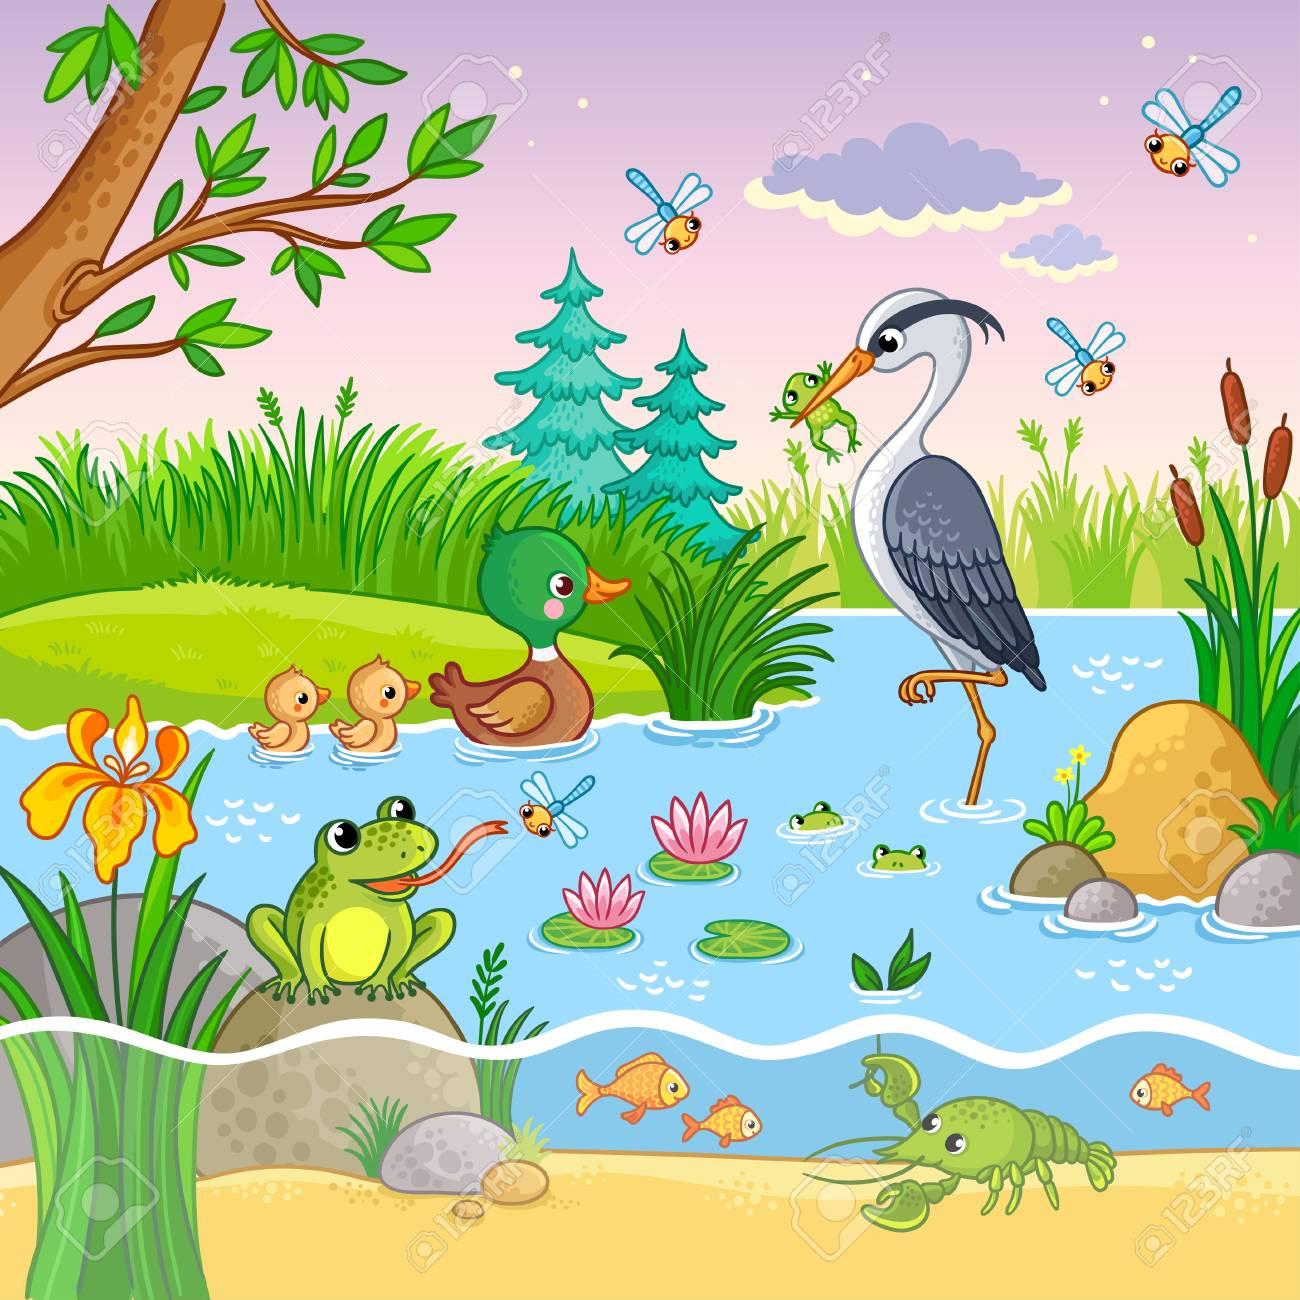 Vector Con La Naturaleza Y Los Animales En El Estilo De Dibujos Animados Para Niños Preciosos Cangrejos Y Peces En El Agua